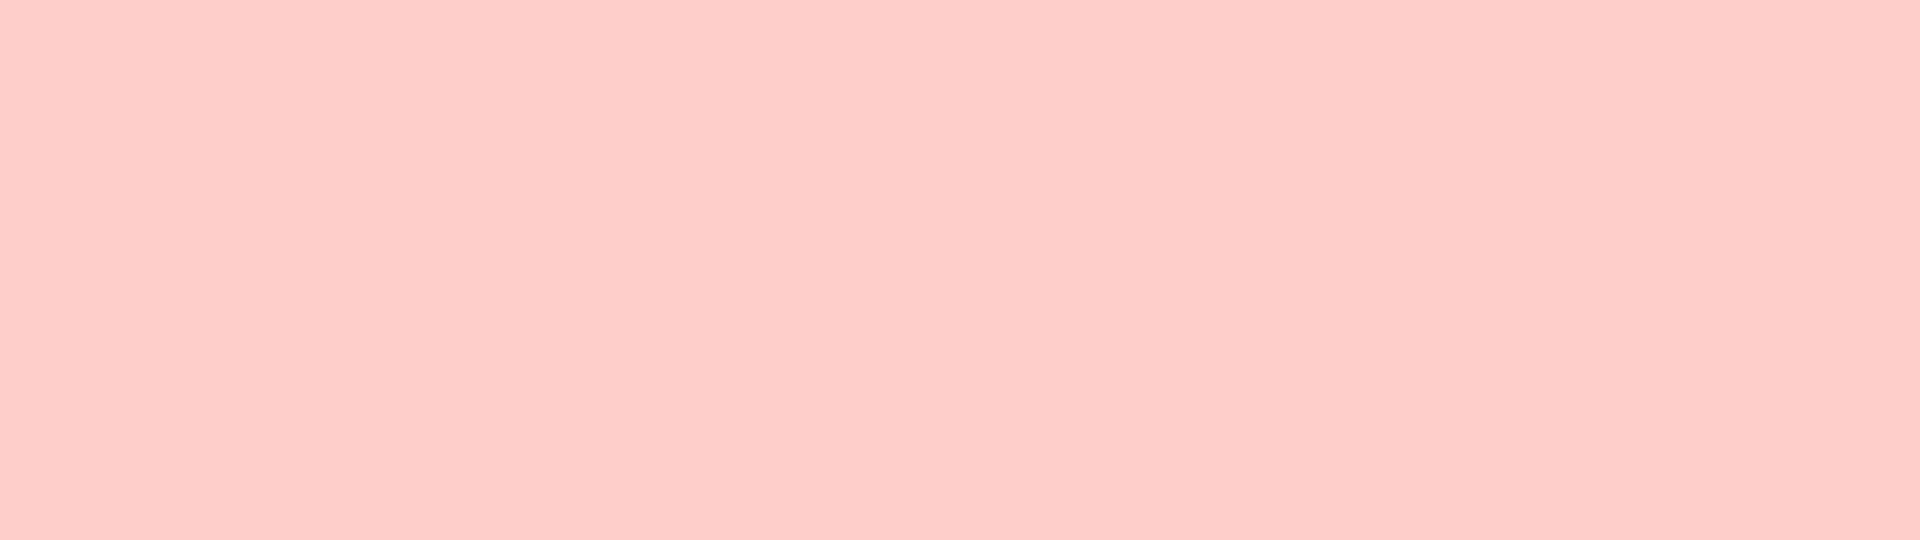 CATEGORY-AYCAN-GONAYAKKABILARDA10NETINDIRIM-23-01